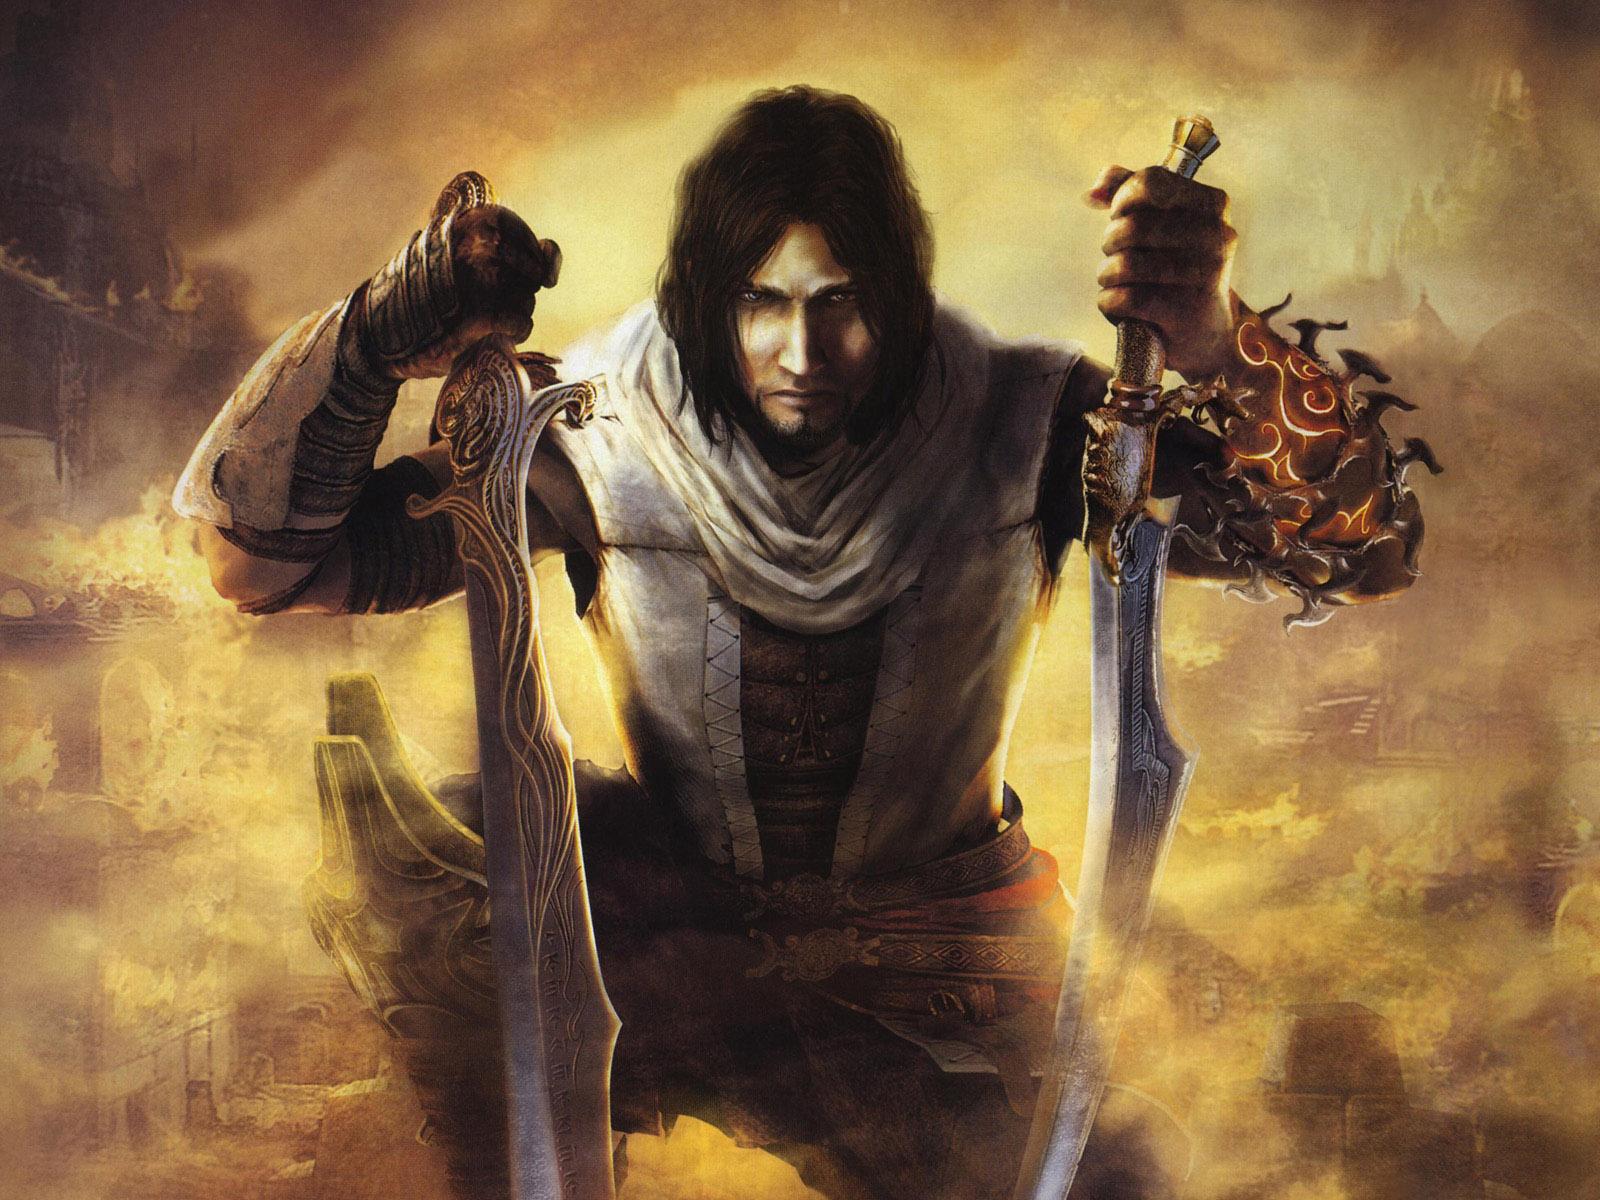 Prince of persia the forgotten sands crackfix skidrow rar